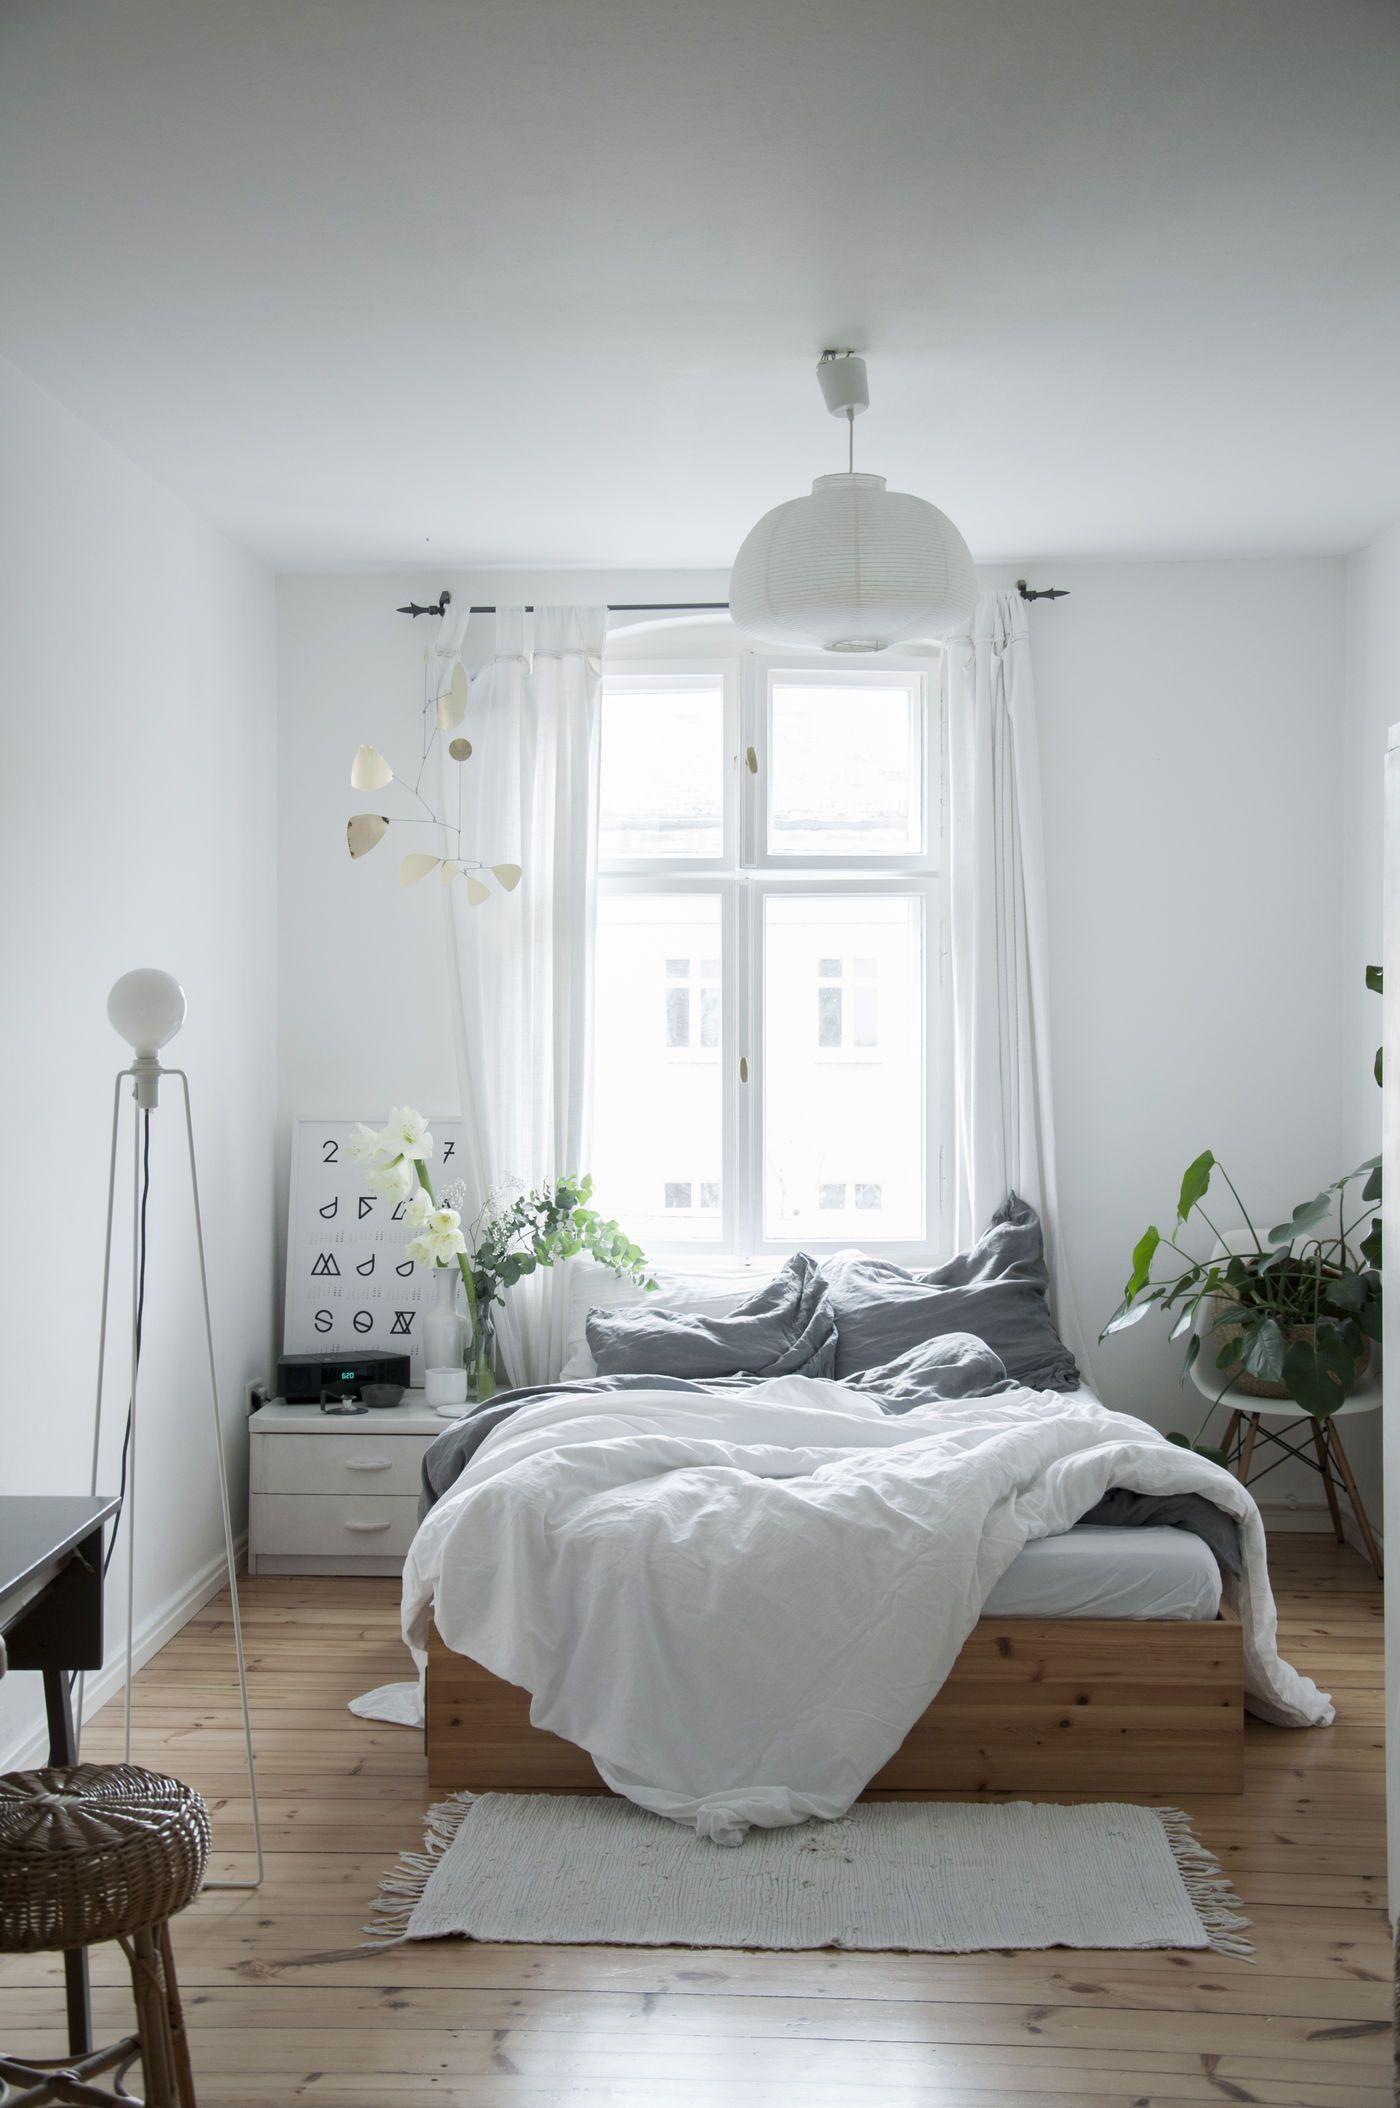 Kleines Wohnzimmer Einrichten Videos Kleines Wohnzimmer